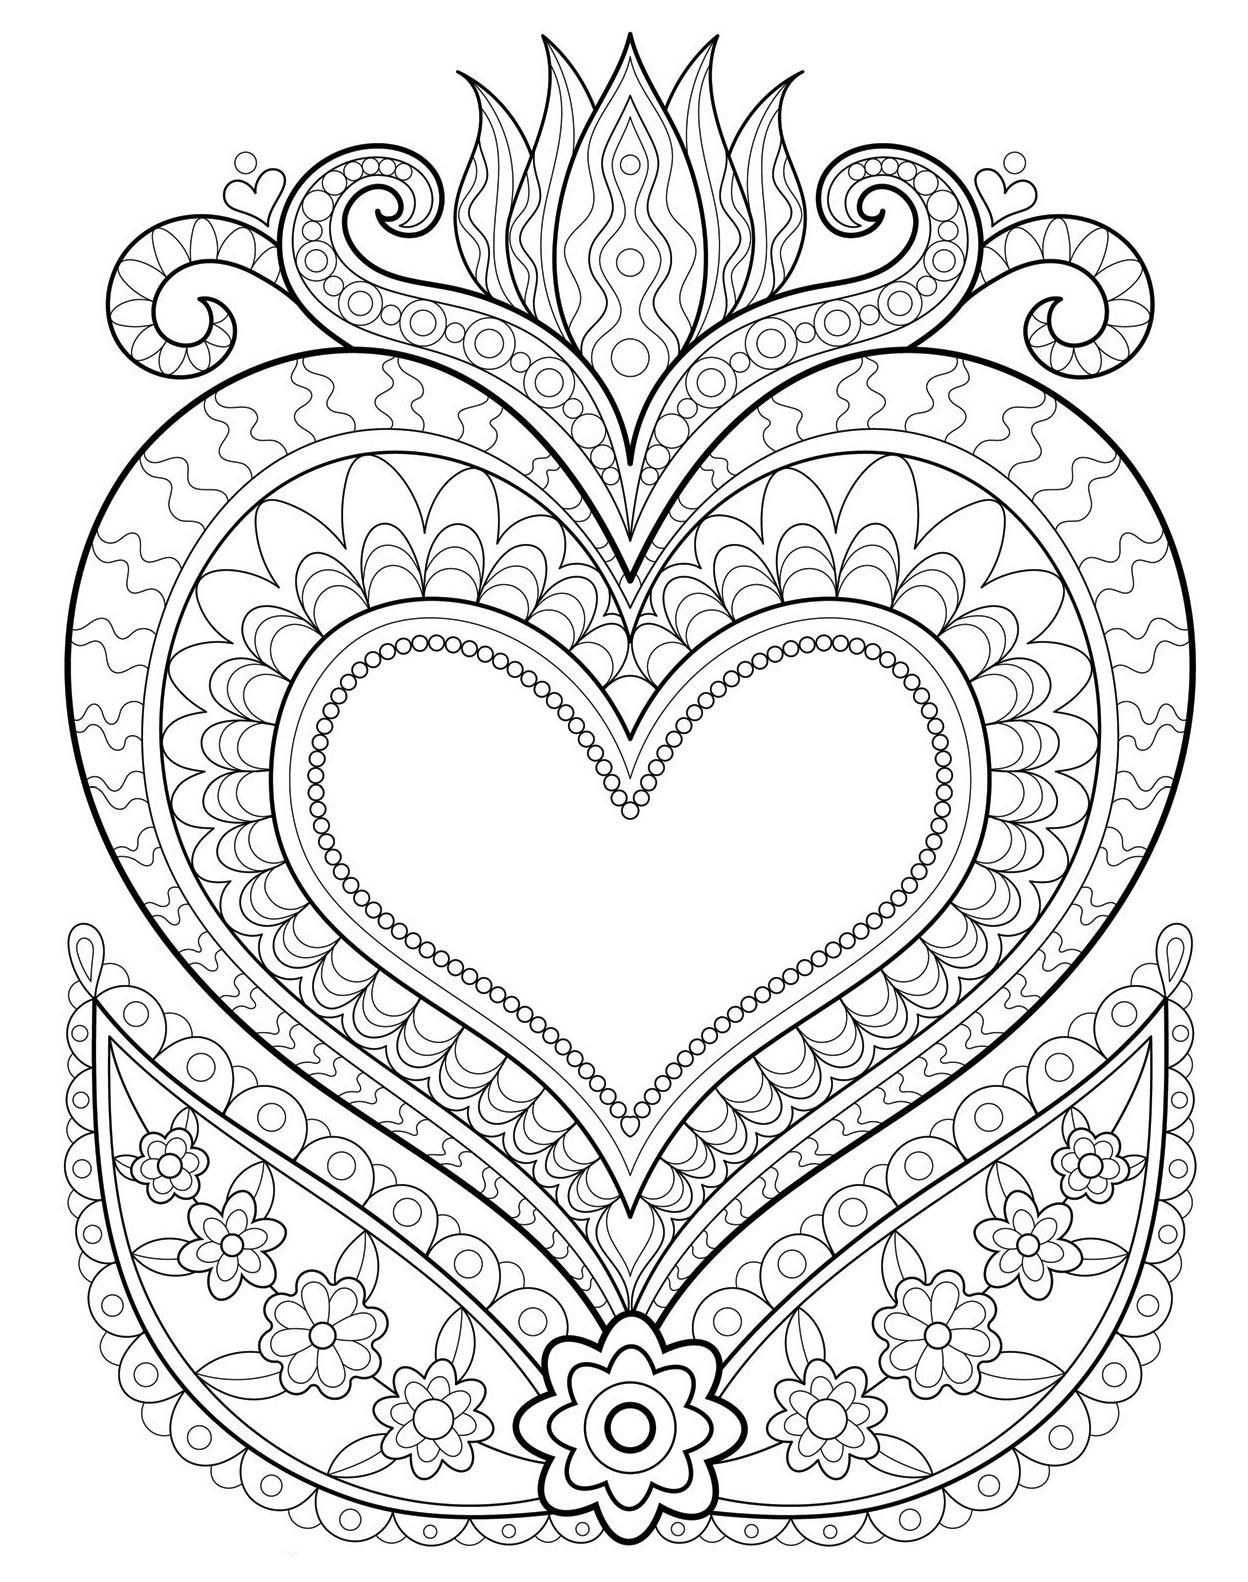 Раскраски антистресс хорошего качества «Сердце в огне», чтобы распечатать